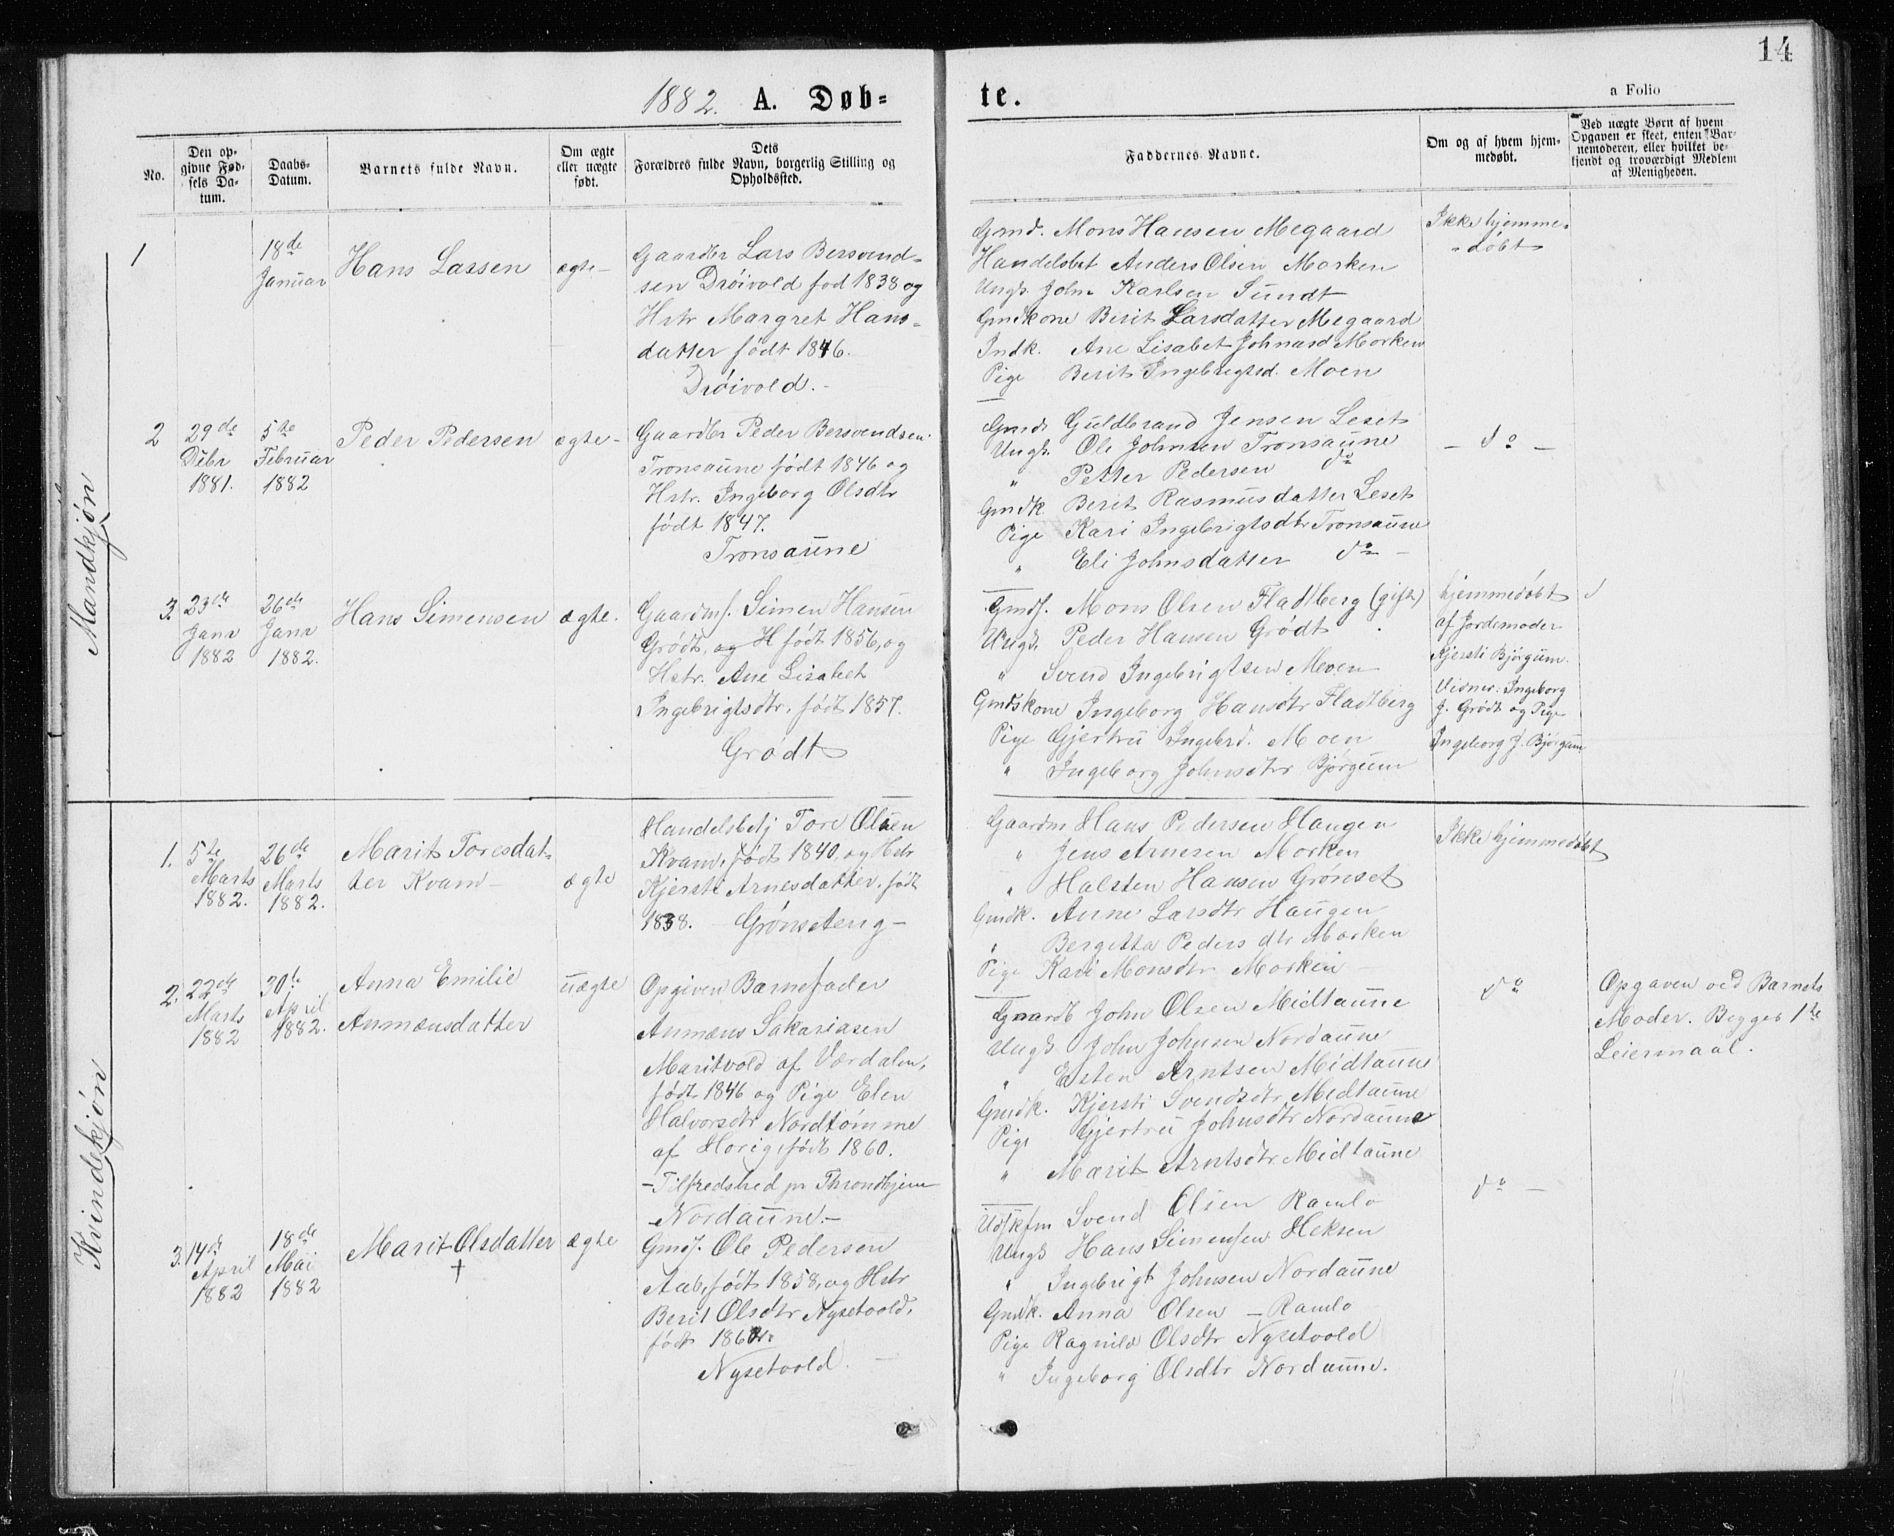 SAT, Ministerialprotokoller, klokkerbøker og fødselsregistre - Sør-Trøndelag, 685/L0977: Klokkerbok nr. 685C02, 1879-1890, s. 14